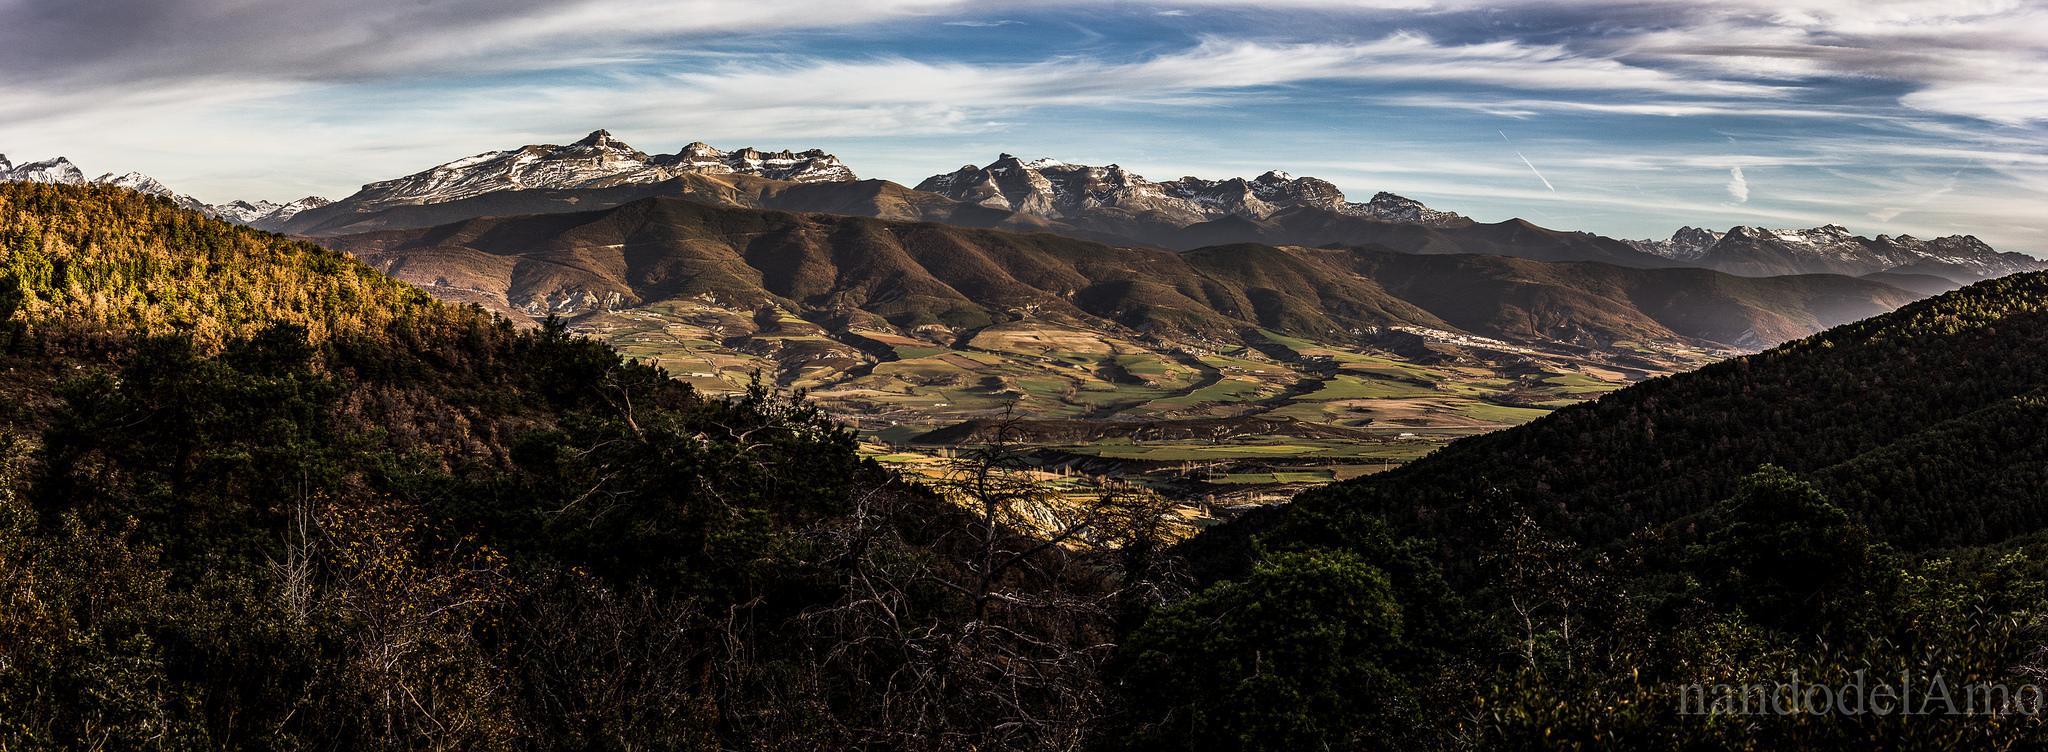 Peña Oroel de www-flickr-comphotos98925181n0424188812570-fernando-del-amo